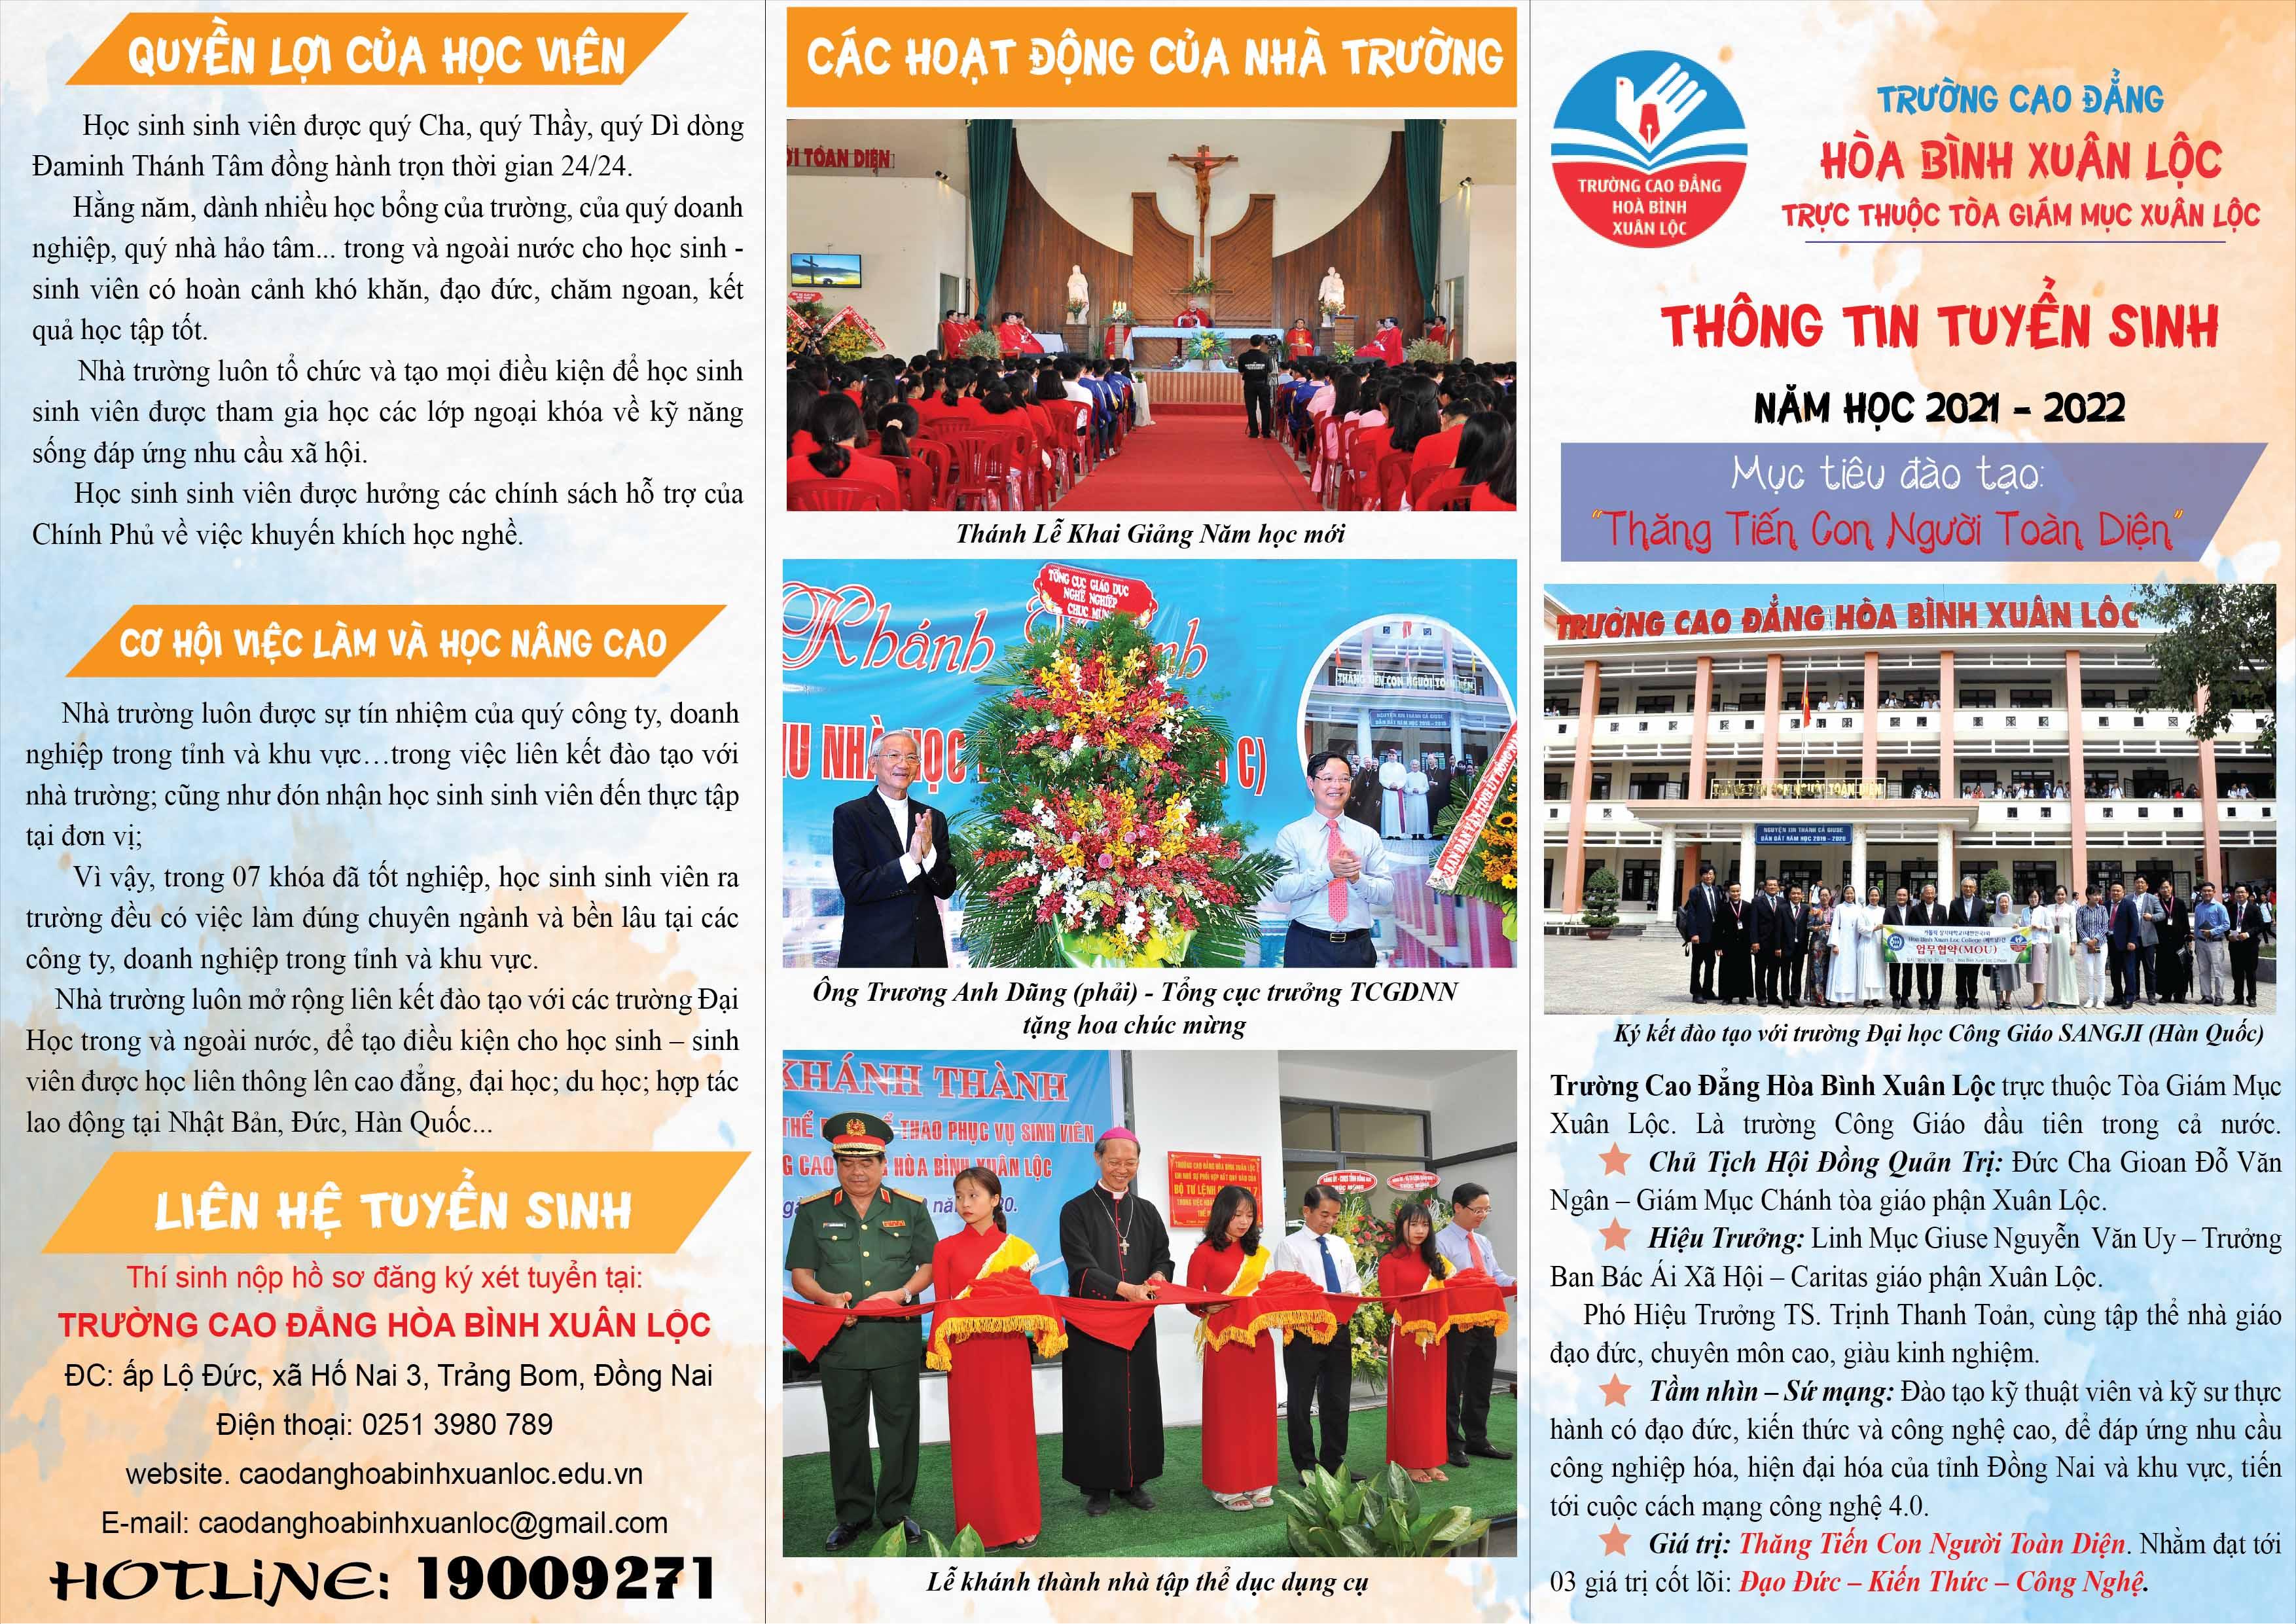 Trường Cao đẳng Hòa Bình Xuân Lộc: Thư Tuyển sinh năm học 2021-2022